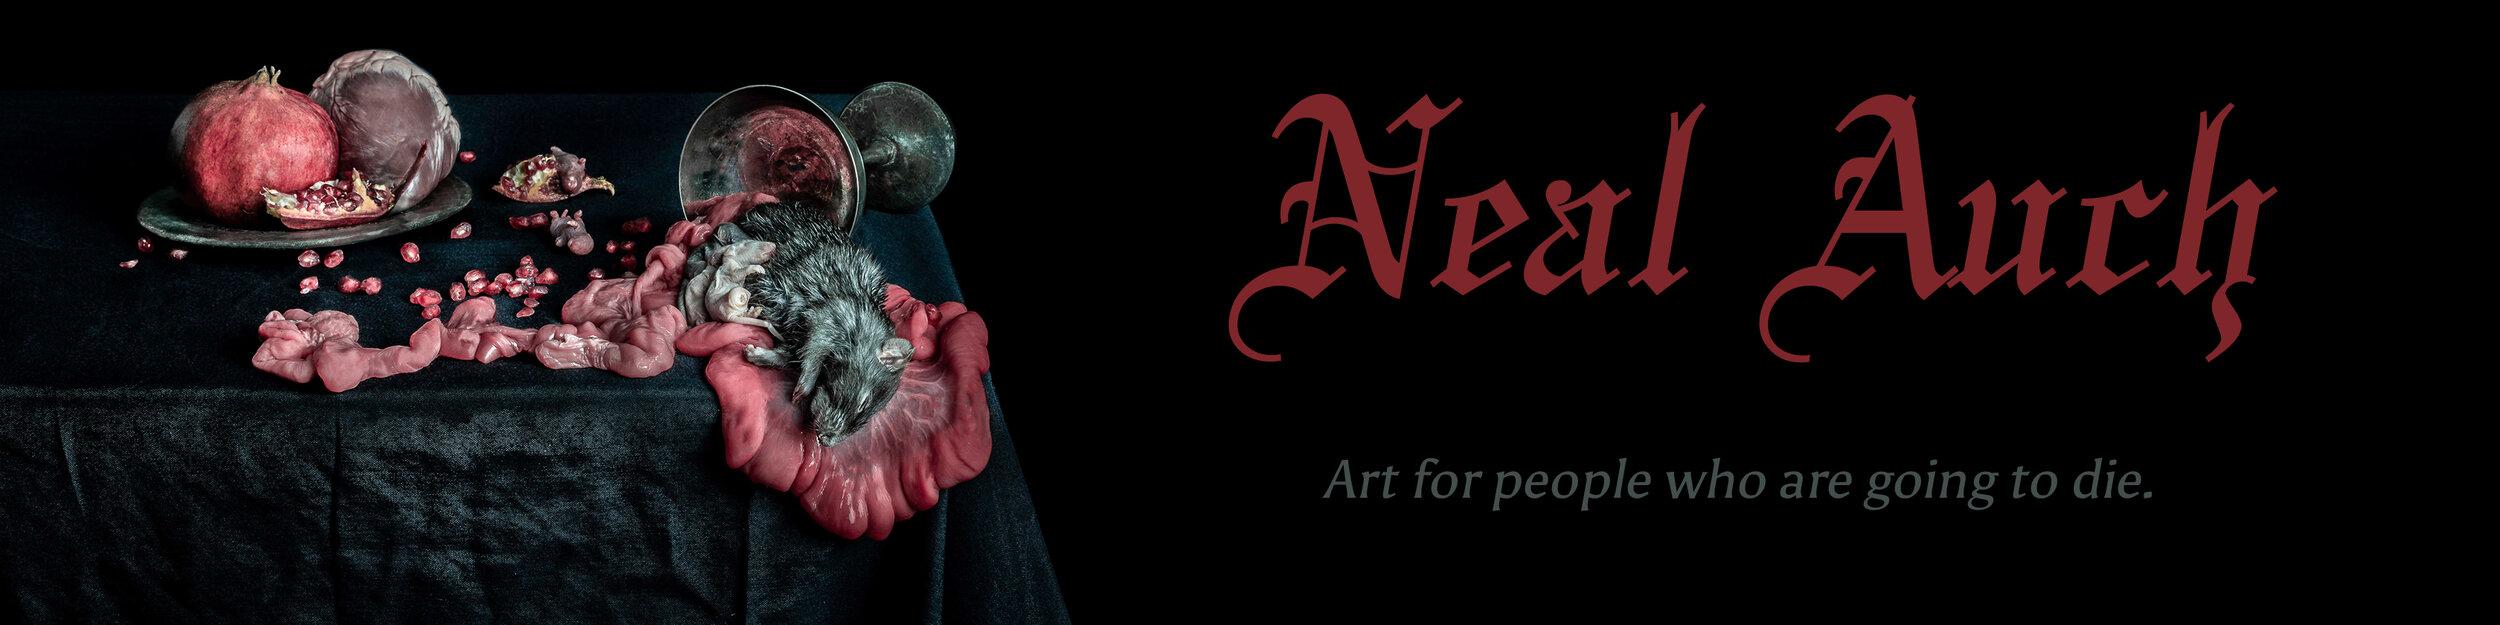 neal-auch-online-store-banner.jpg